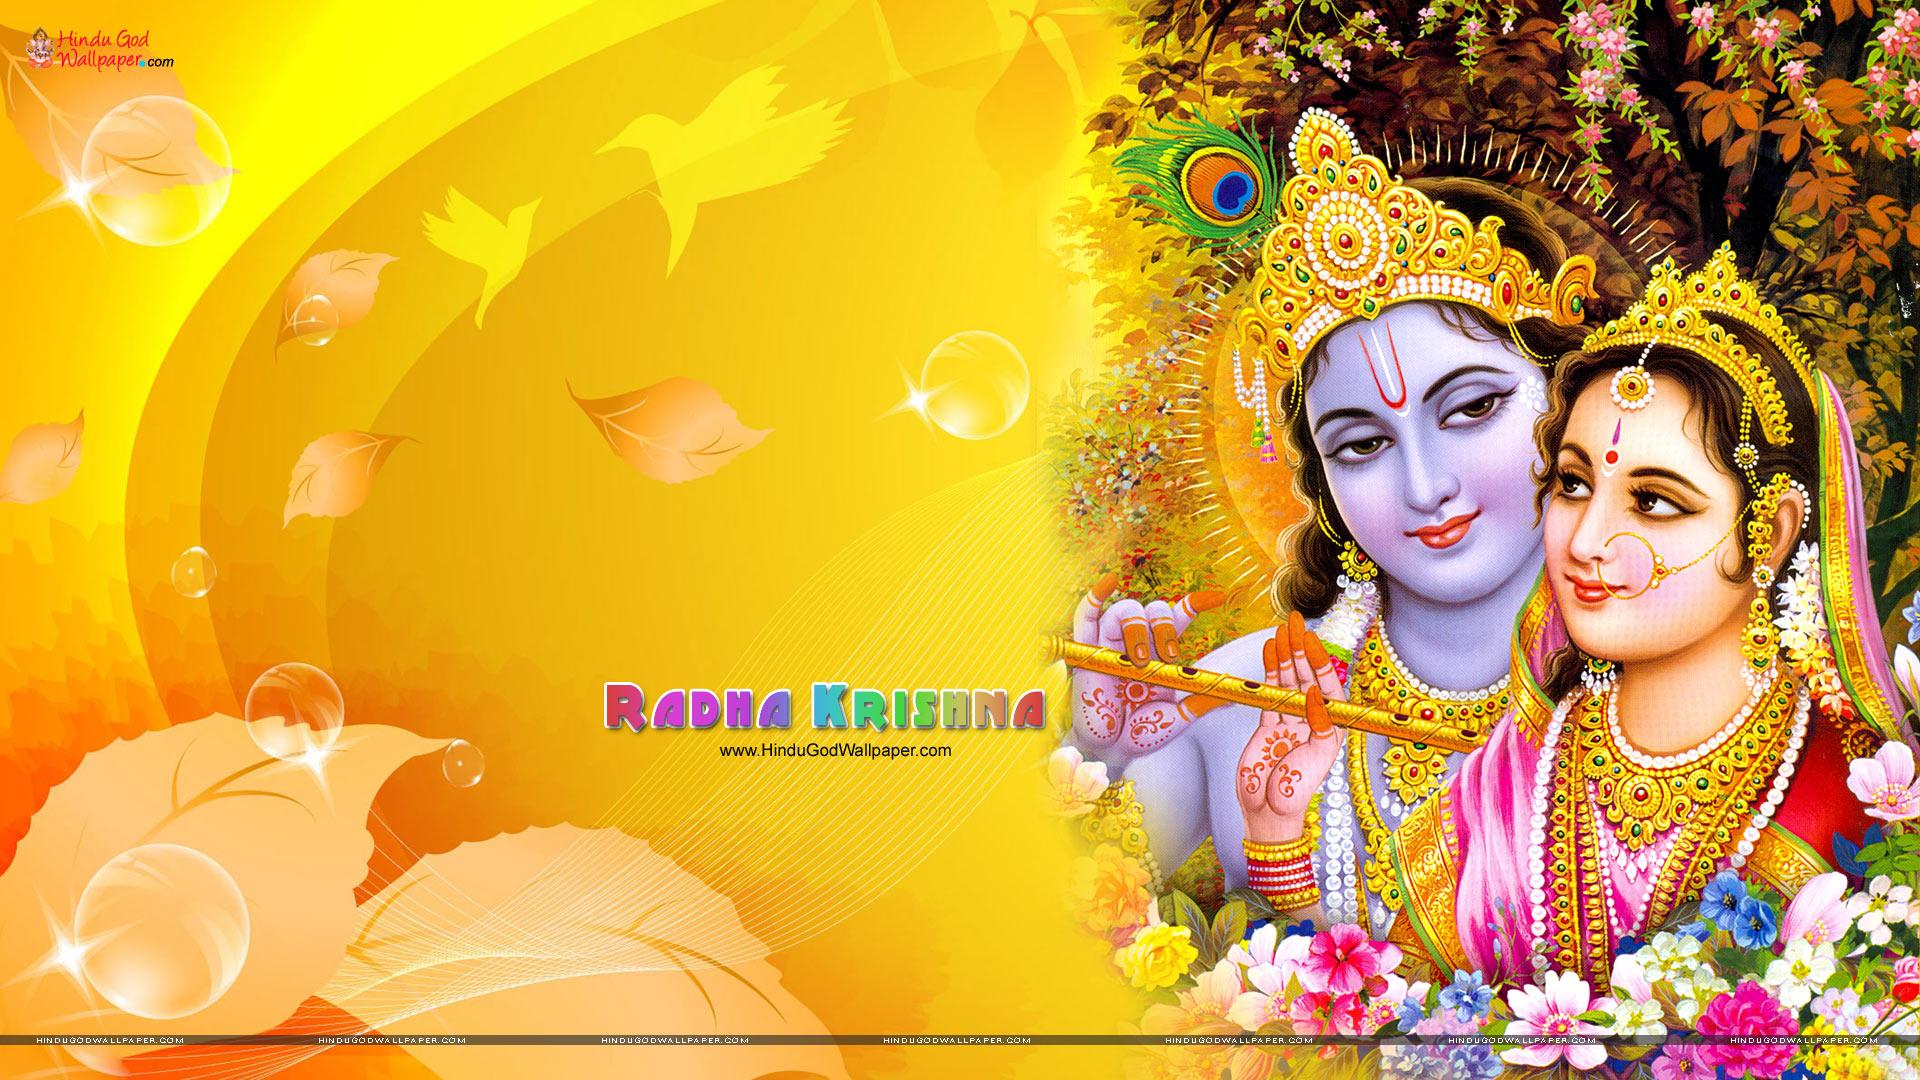 Hd wallpaper radha krishna - Hd Wallpaper Radha Krishna 9